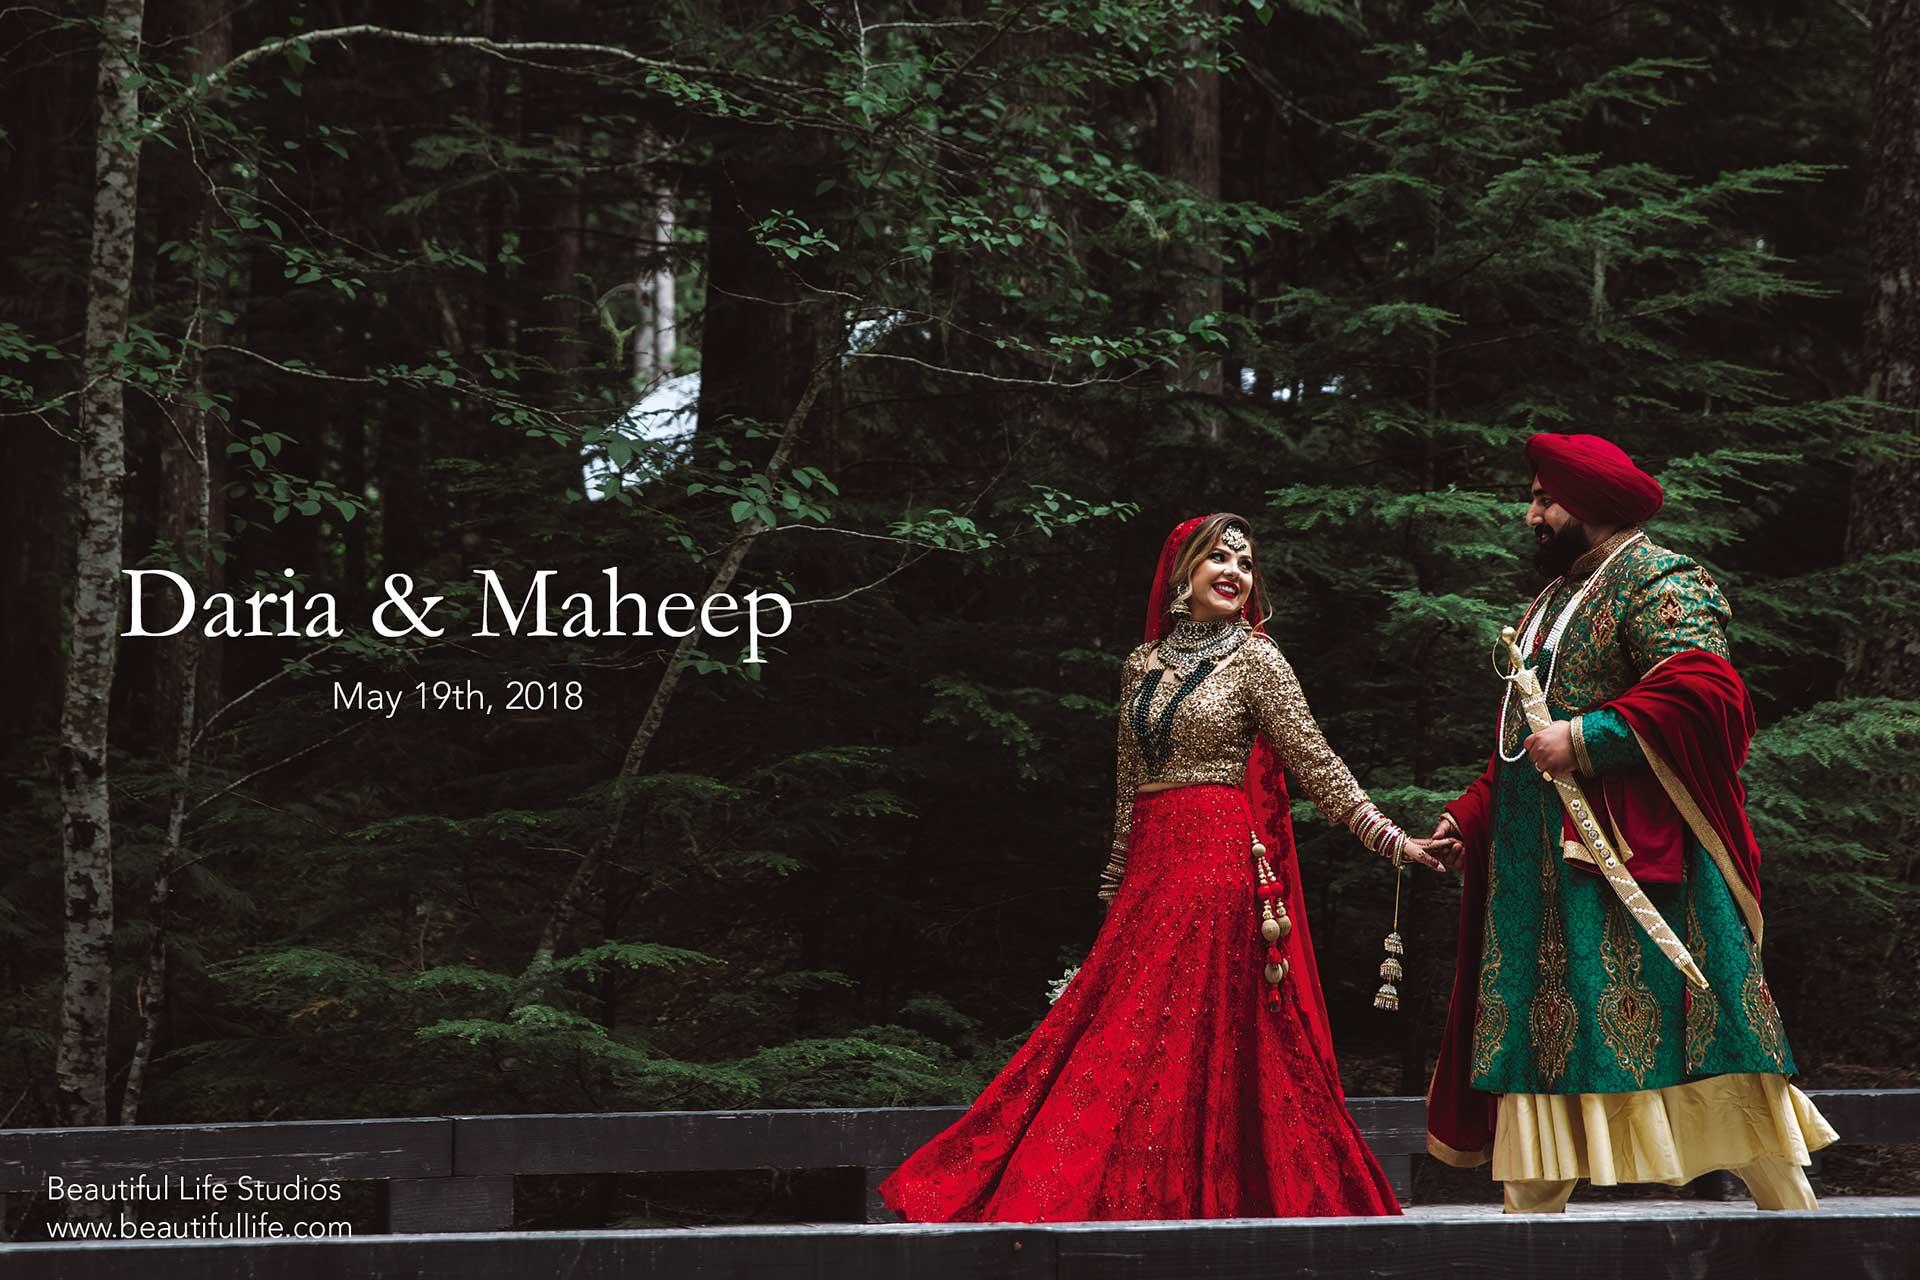 Daria and Maheep's Wedding